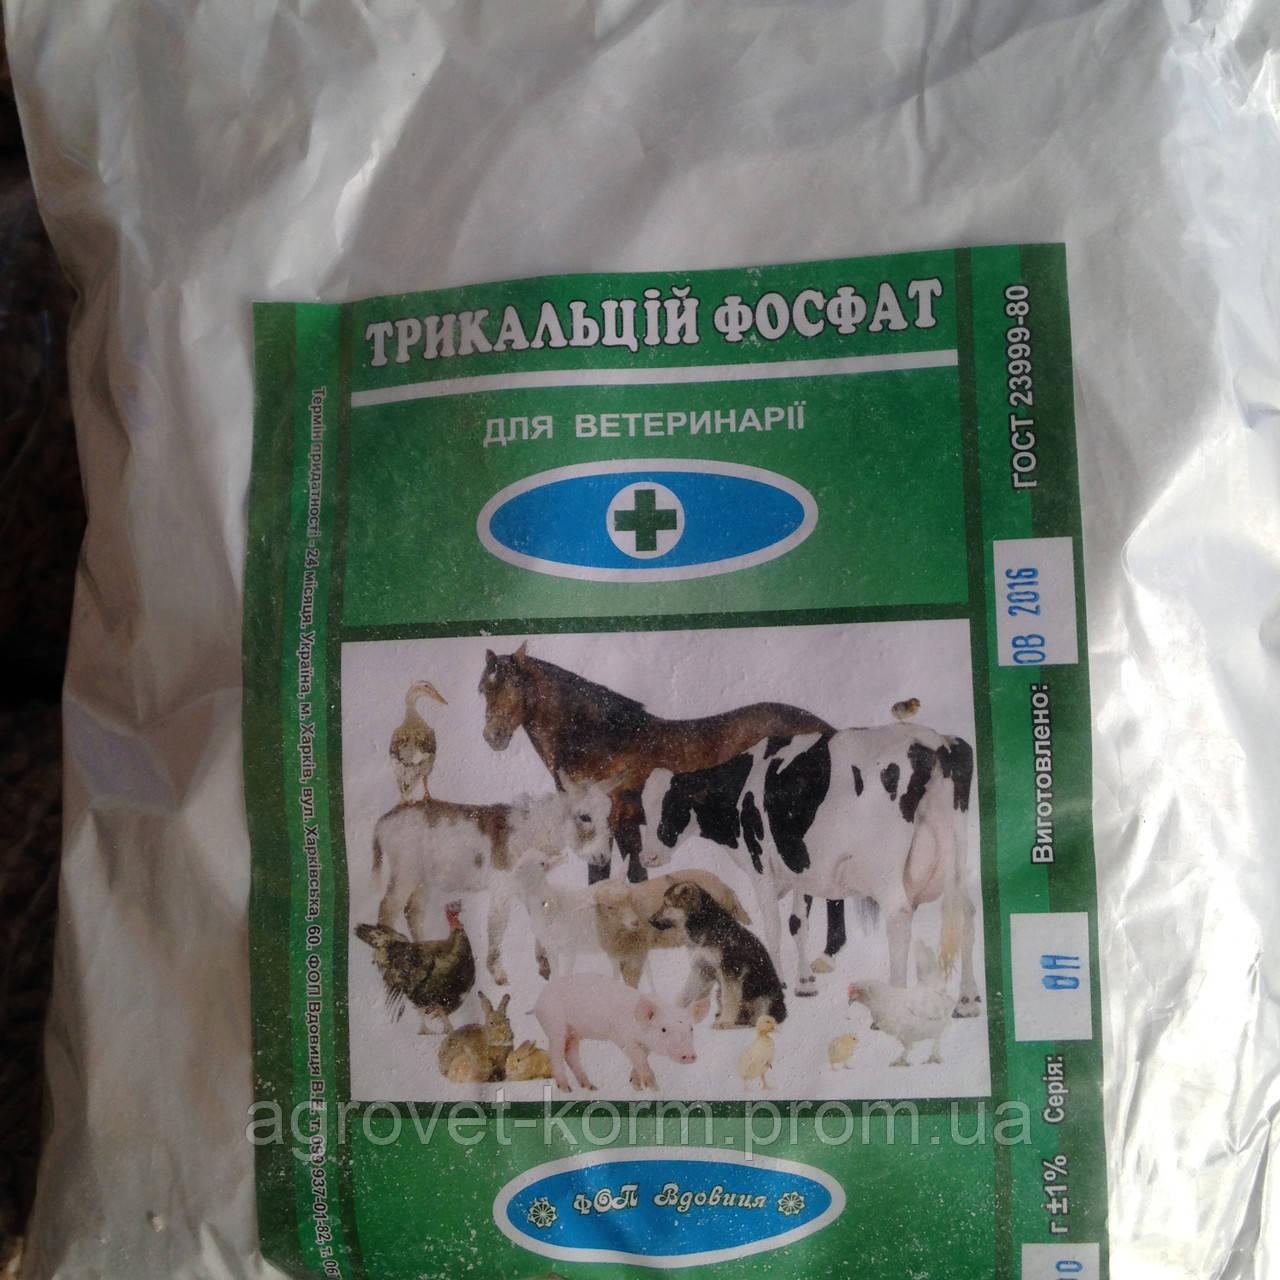 Трикальцій фосфат, 1 кг.